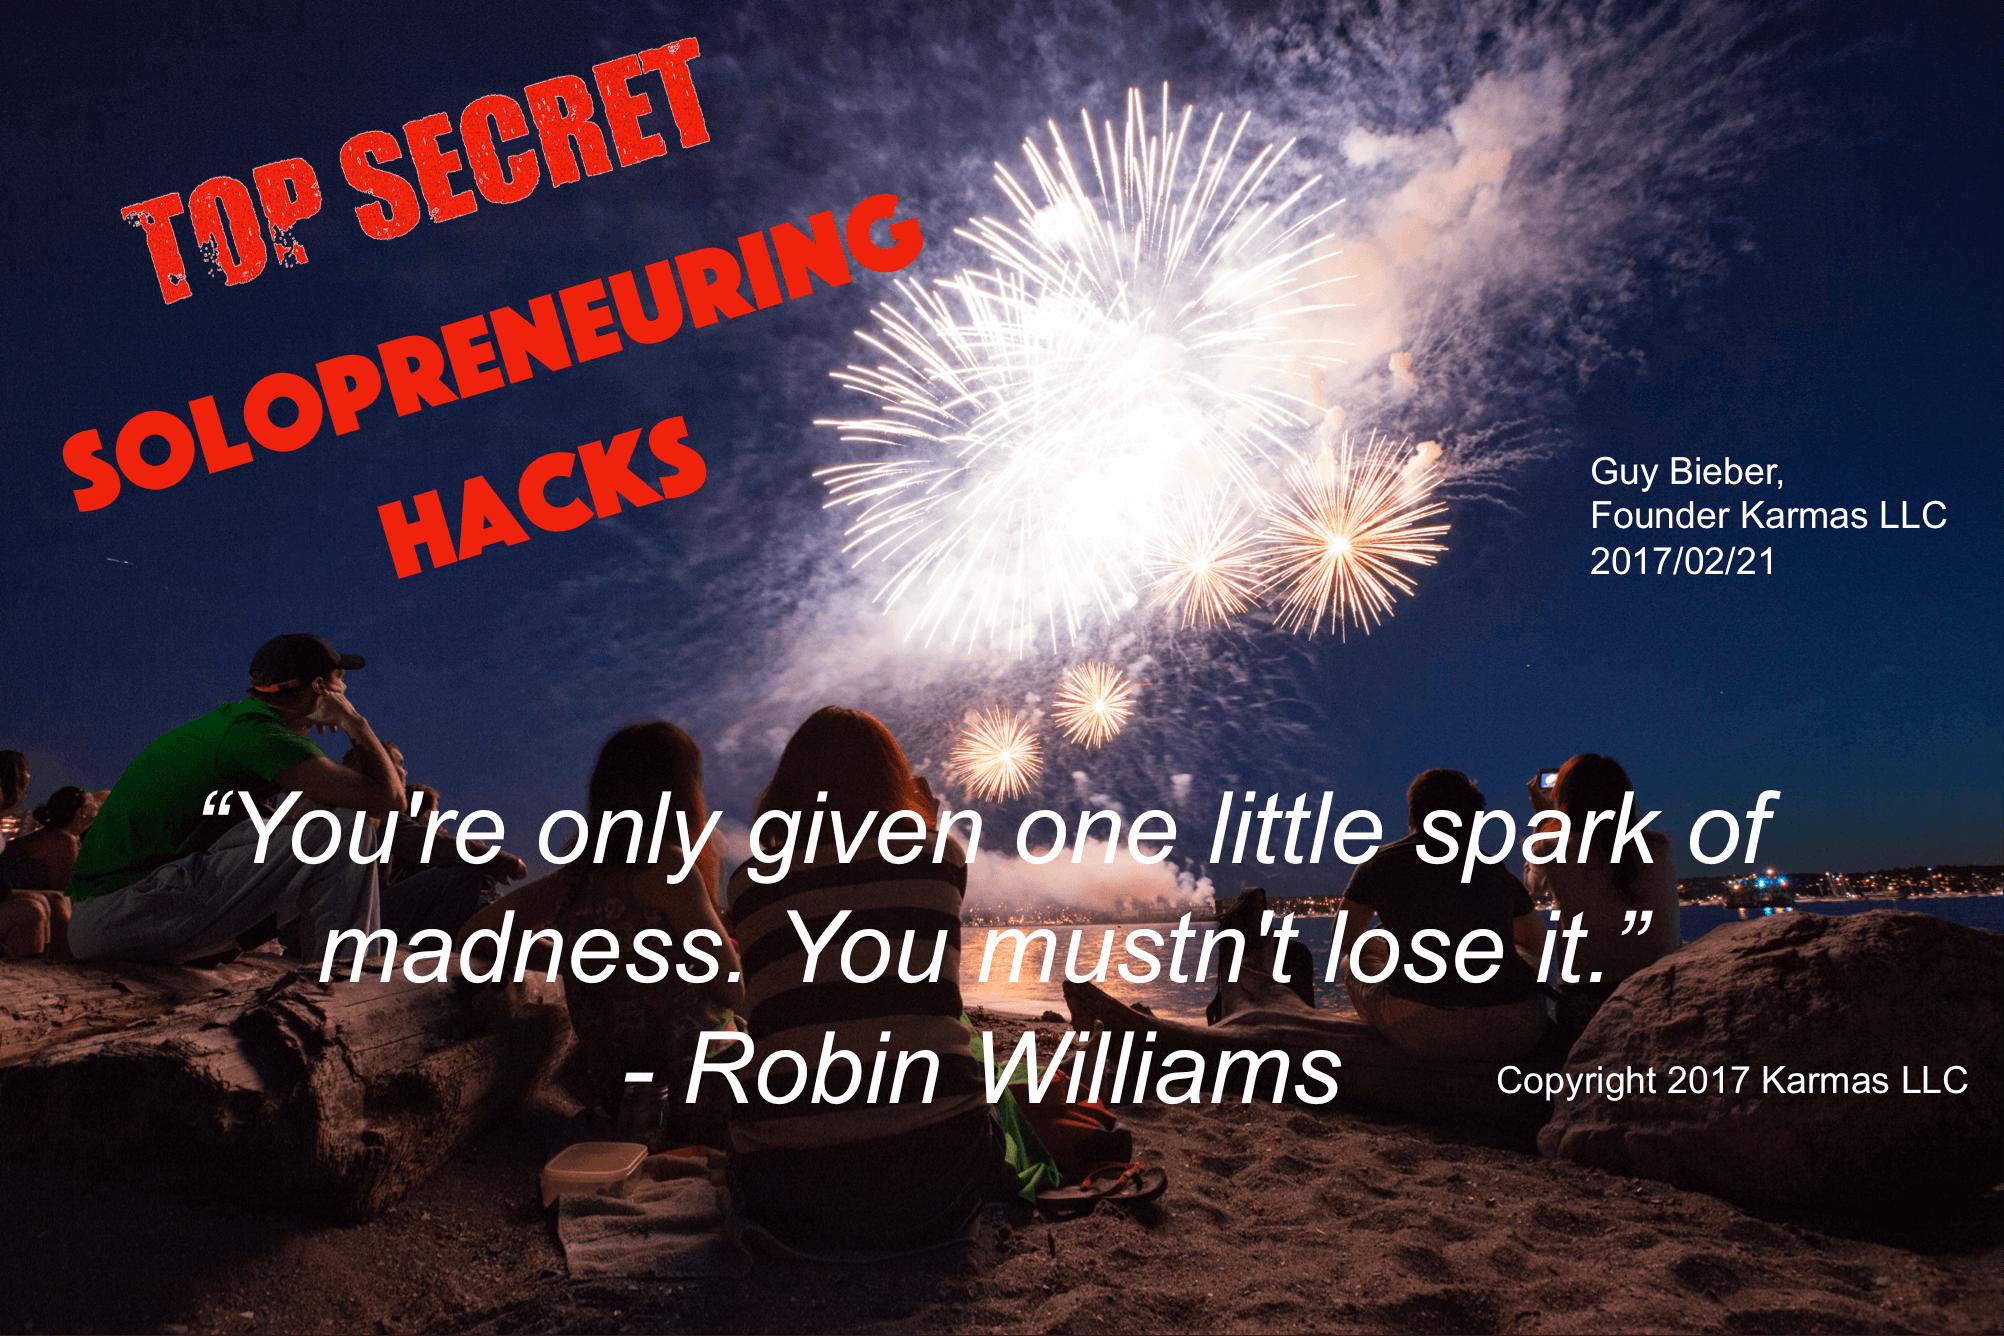 solopreneuring entrepreneur phoenix startup week